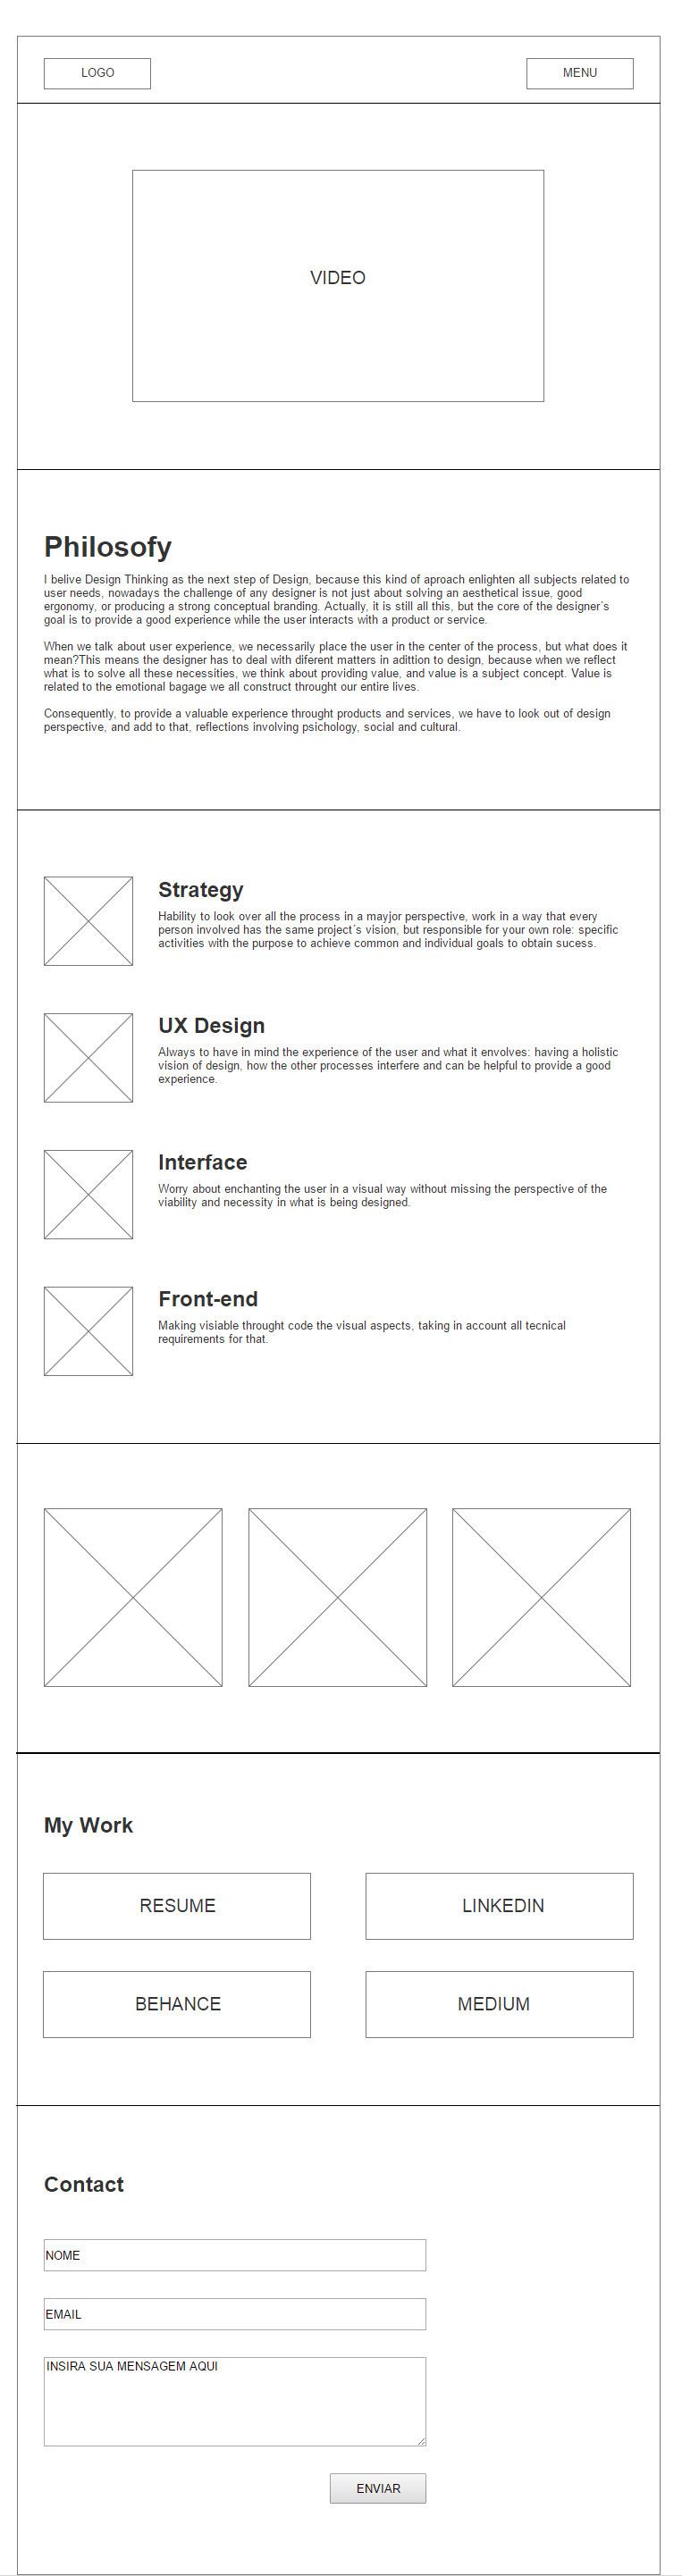 information architectury Arquitetura da Informação prototipação prototype mvp prototipo user experience experiência do usuário